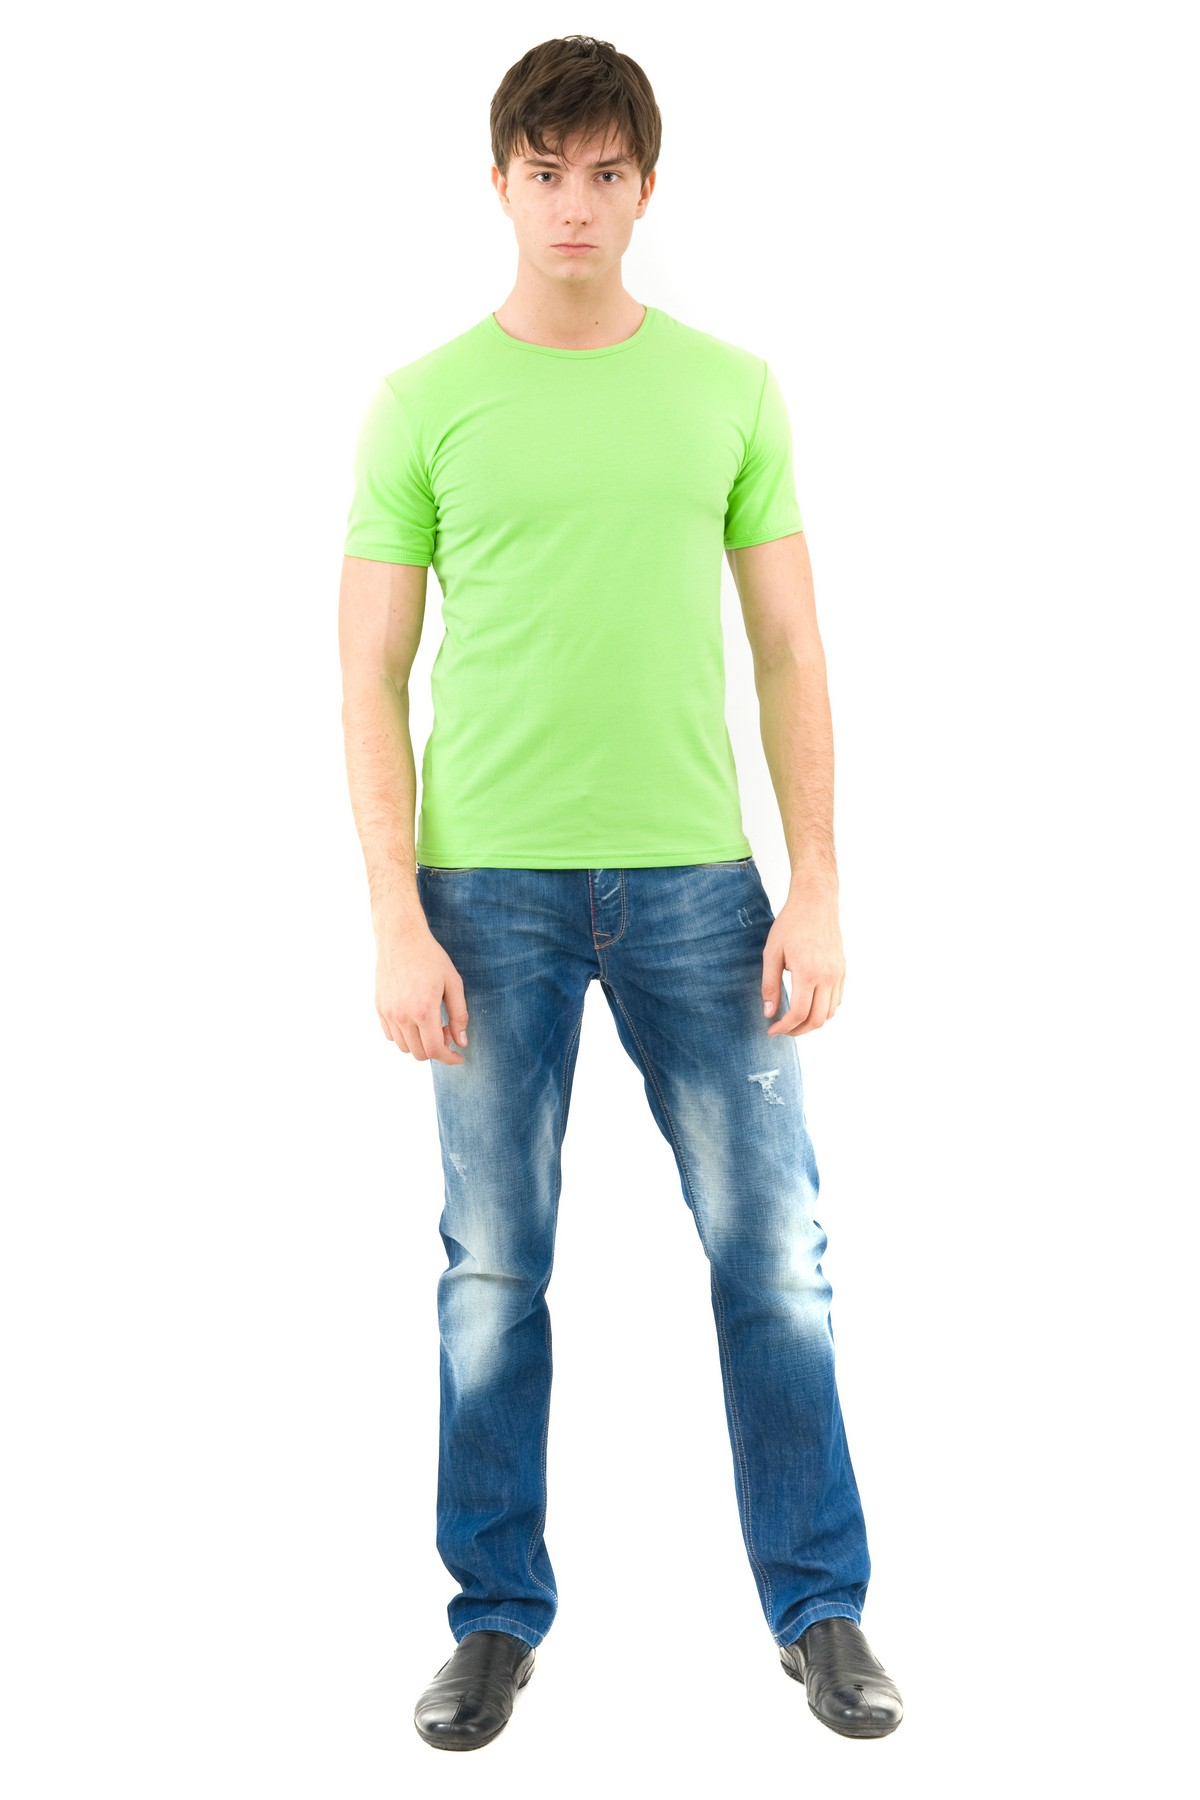 ФутболкаМужские футболки, джемпера<br>Футболка – это удобный выбор на каждый день, поэтому она должна быть яркой и стильной, чтобы привнести в повседневный образ красок. Округлый вырез горловины, короткие рукава, эффектный принт - все это футболка Doctor E, из высококачественного трикотажа.<br><br>Цвет: лайм<br>Состав: 92% хлопок 8% лайкра<br>Размер: 44,46<br>Страна дизайна: Россия<br>Страна производства: Россия